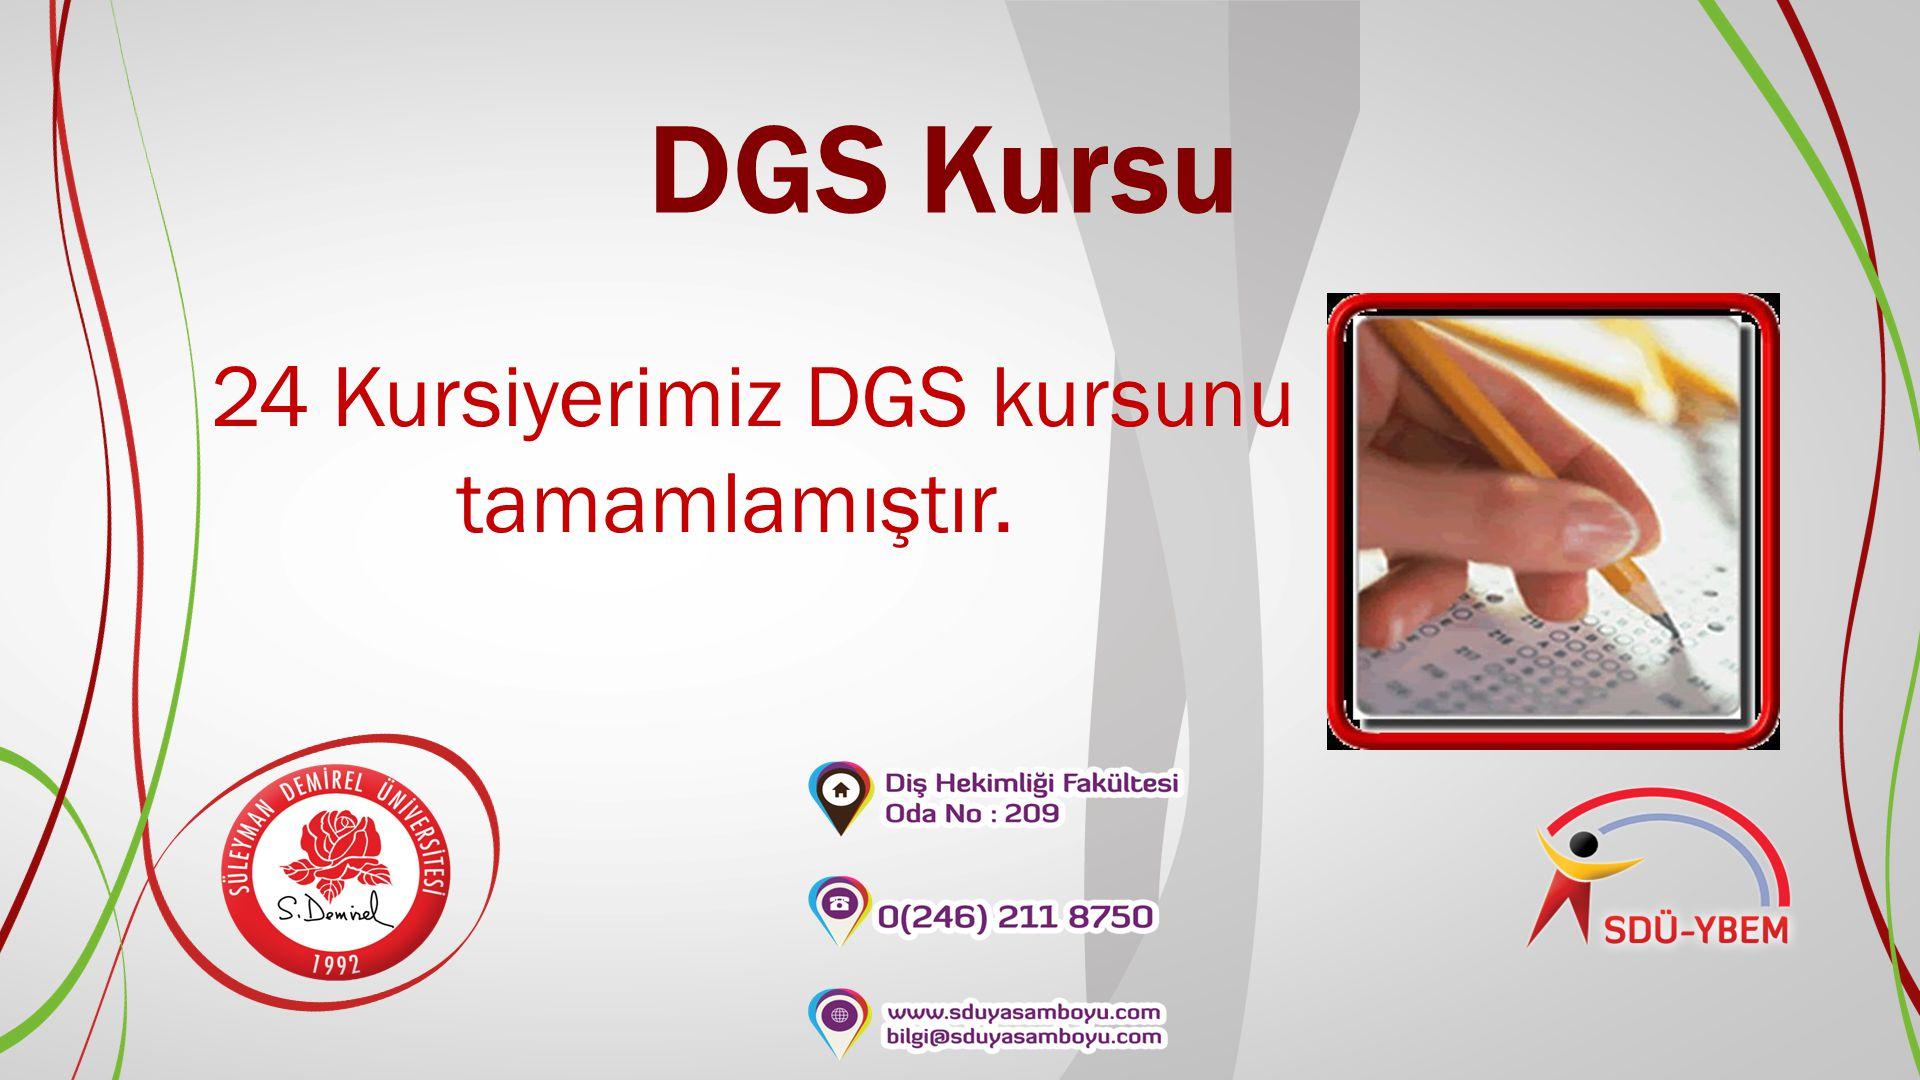 24 Kursiyerimiz DGS kursunu tamamlamıştır.